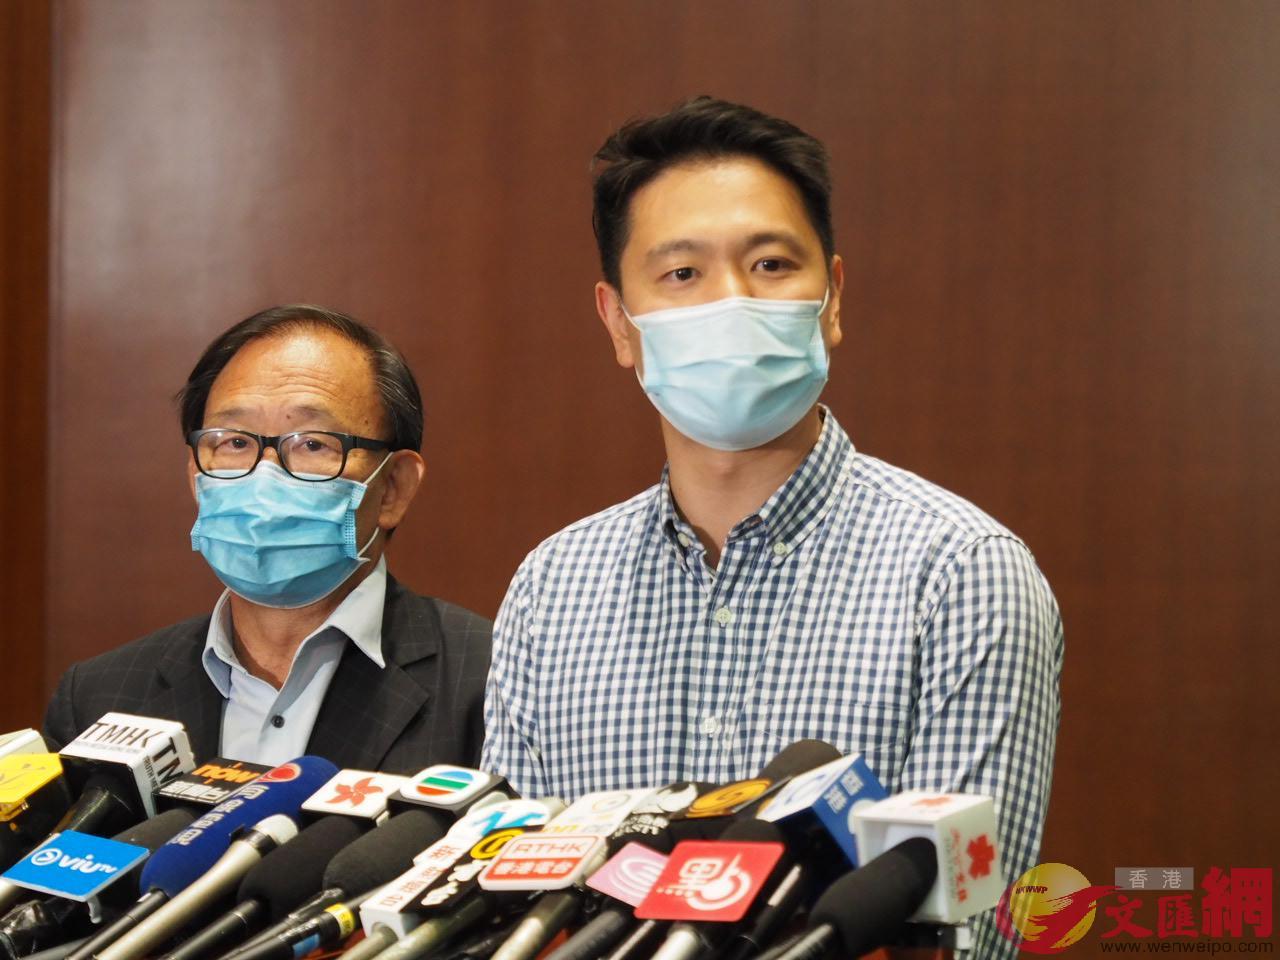 周浩鼎(右)強烈譴責連日來有人冒認他的名義發出假消息,引起社會恐慌。(大公文匯全媒體資料圖片)